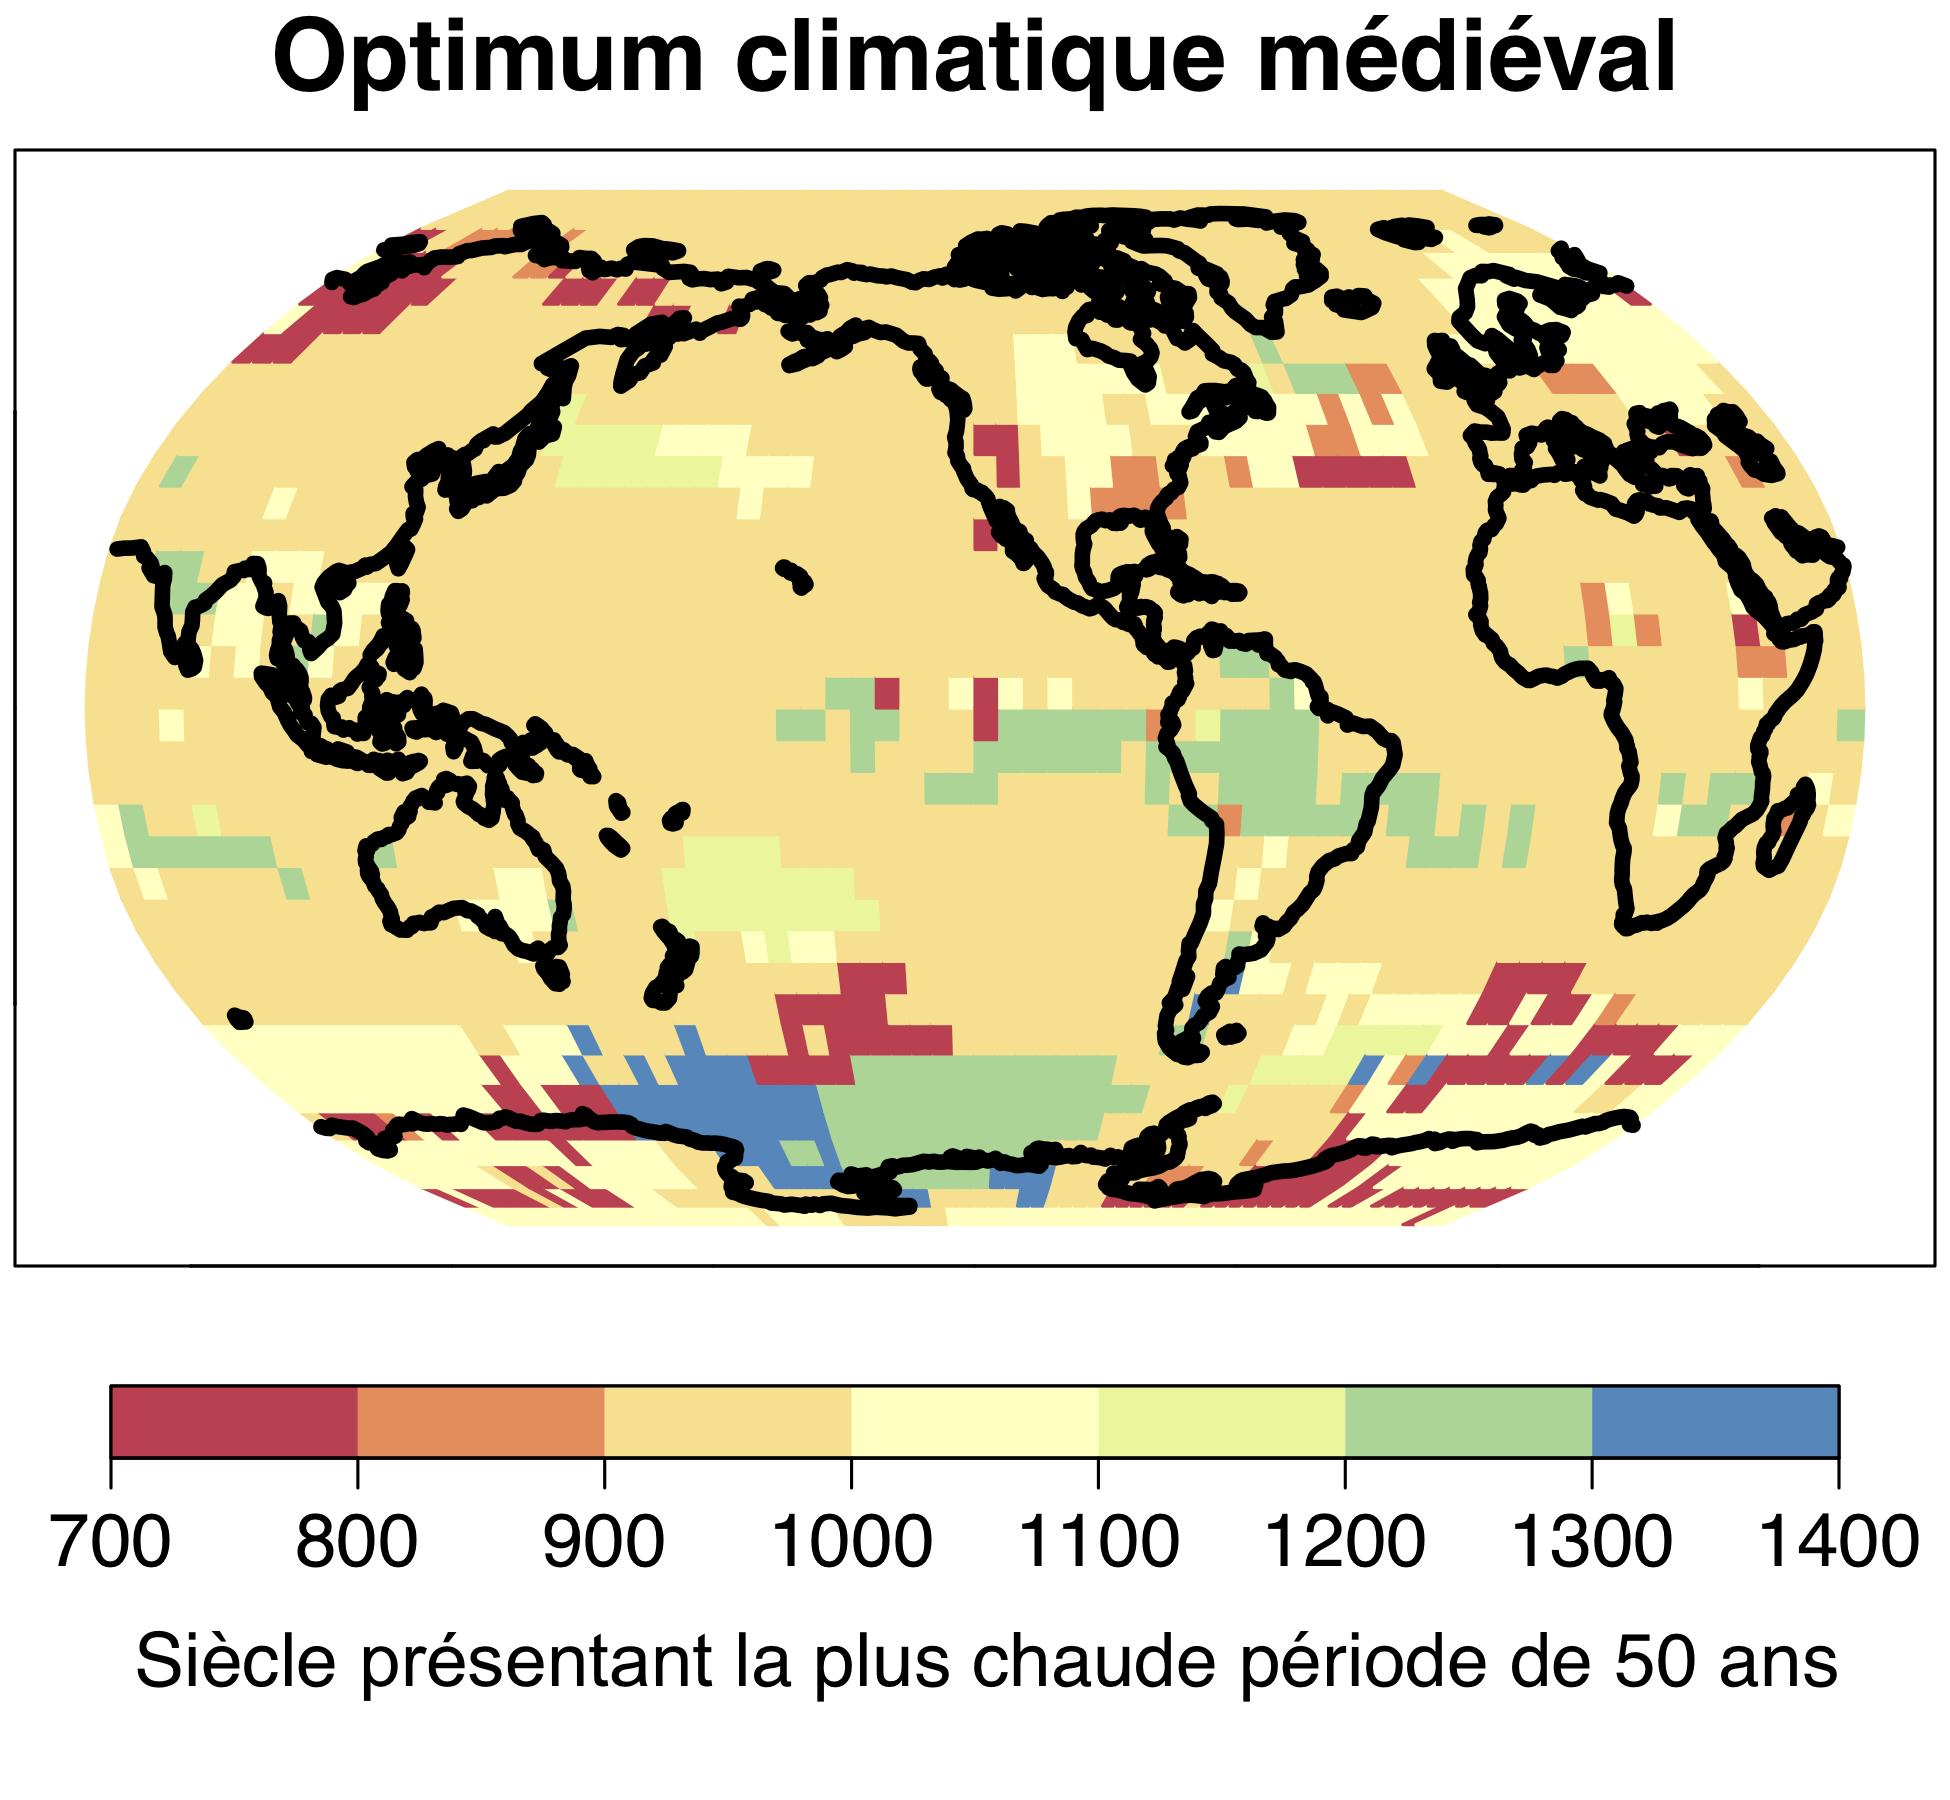 La phase chaude devenue célèbre en Europe et en Amérique du Nord comme l'« optimum climatique médiéval » n'a pas été un phénomène mondial ; la période la plus chaude de 50 ans entre 700 et 1400 a eu lieu de manière locale et à des moments différents. © Université de Berne